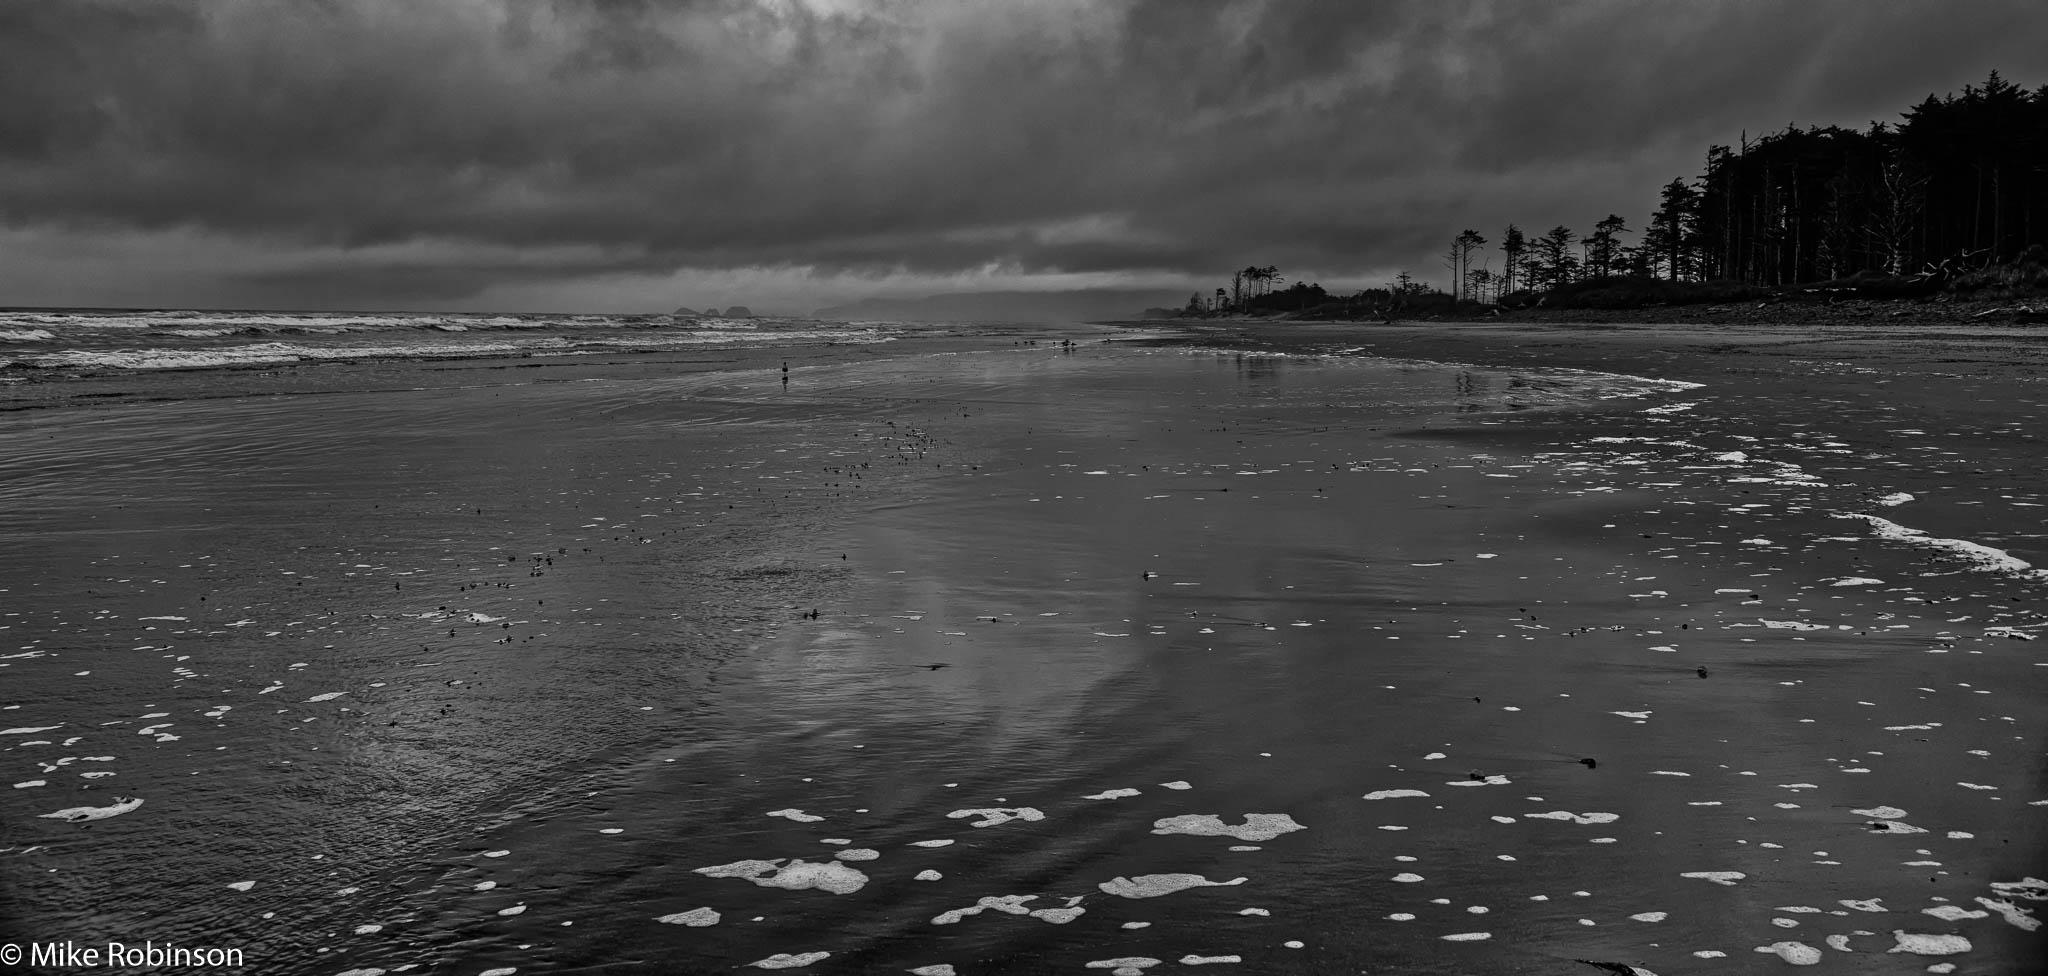 oregon-coast-rainy-morning